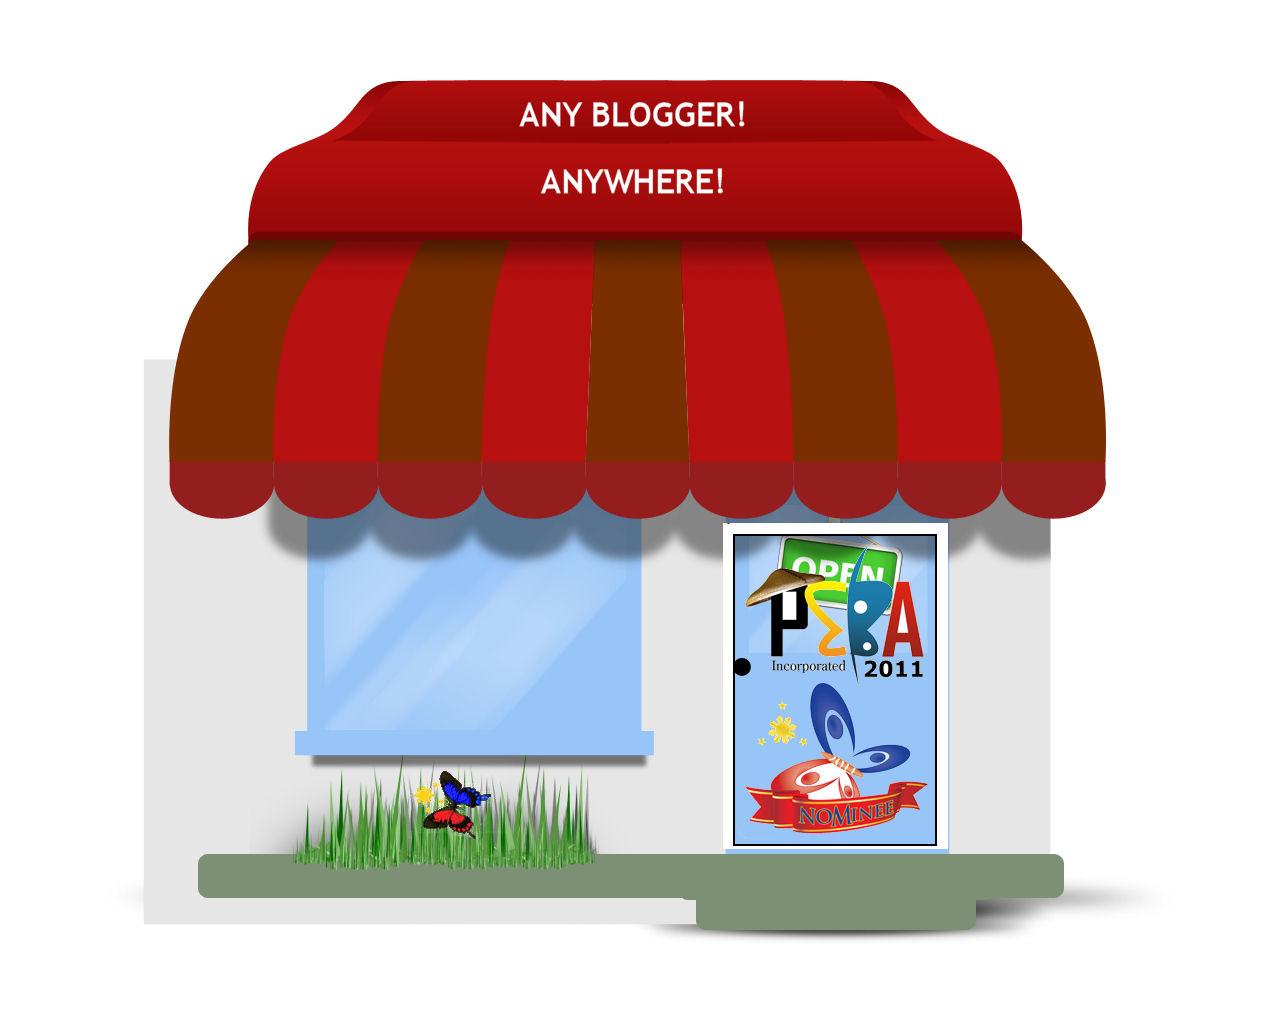 http://4.bp.blogspot.com/-hs4kvhO93hI/TiUEbAM7gbI/AAAAAAAADzk/oNj2t3M9HbE/s1600/psd-small-store-icon.jpg